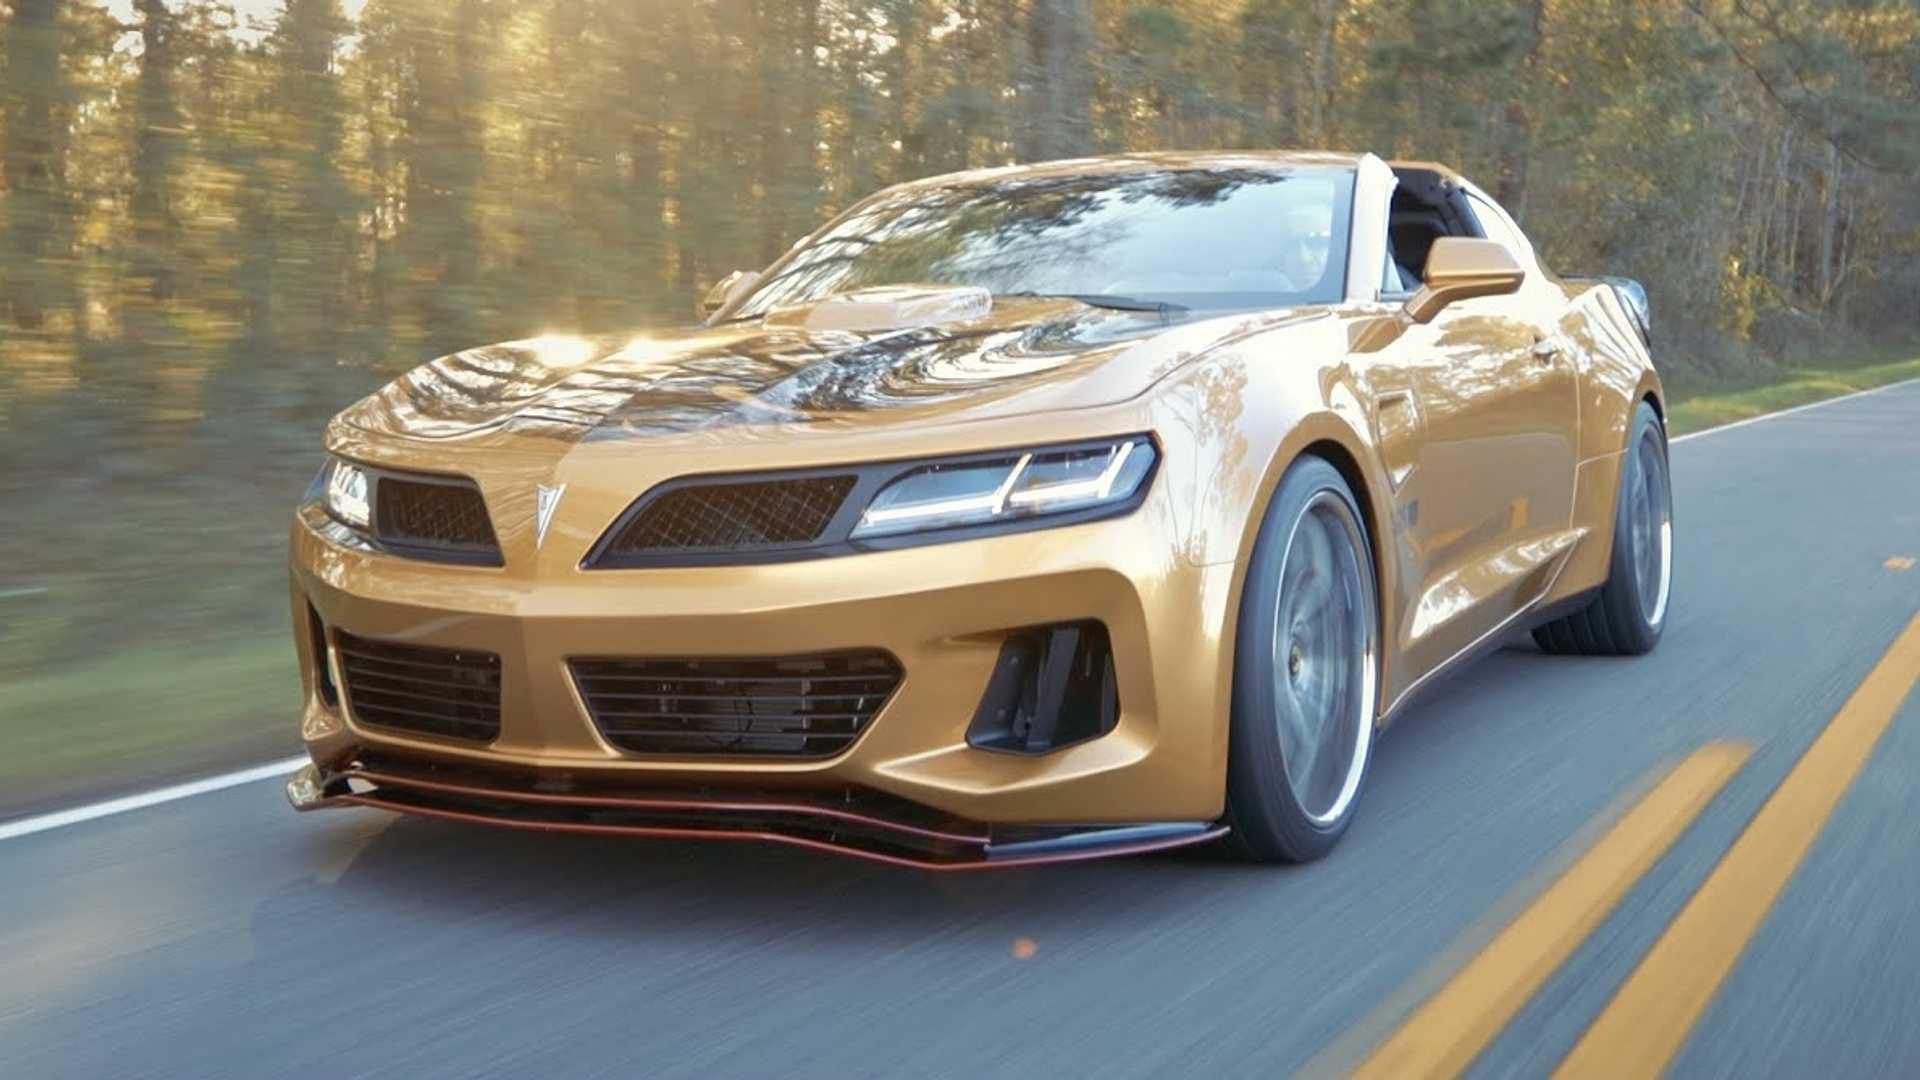 2021 Pontiac GTO Price, Design and Review